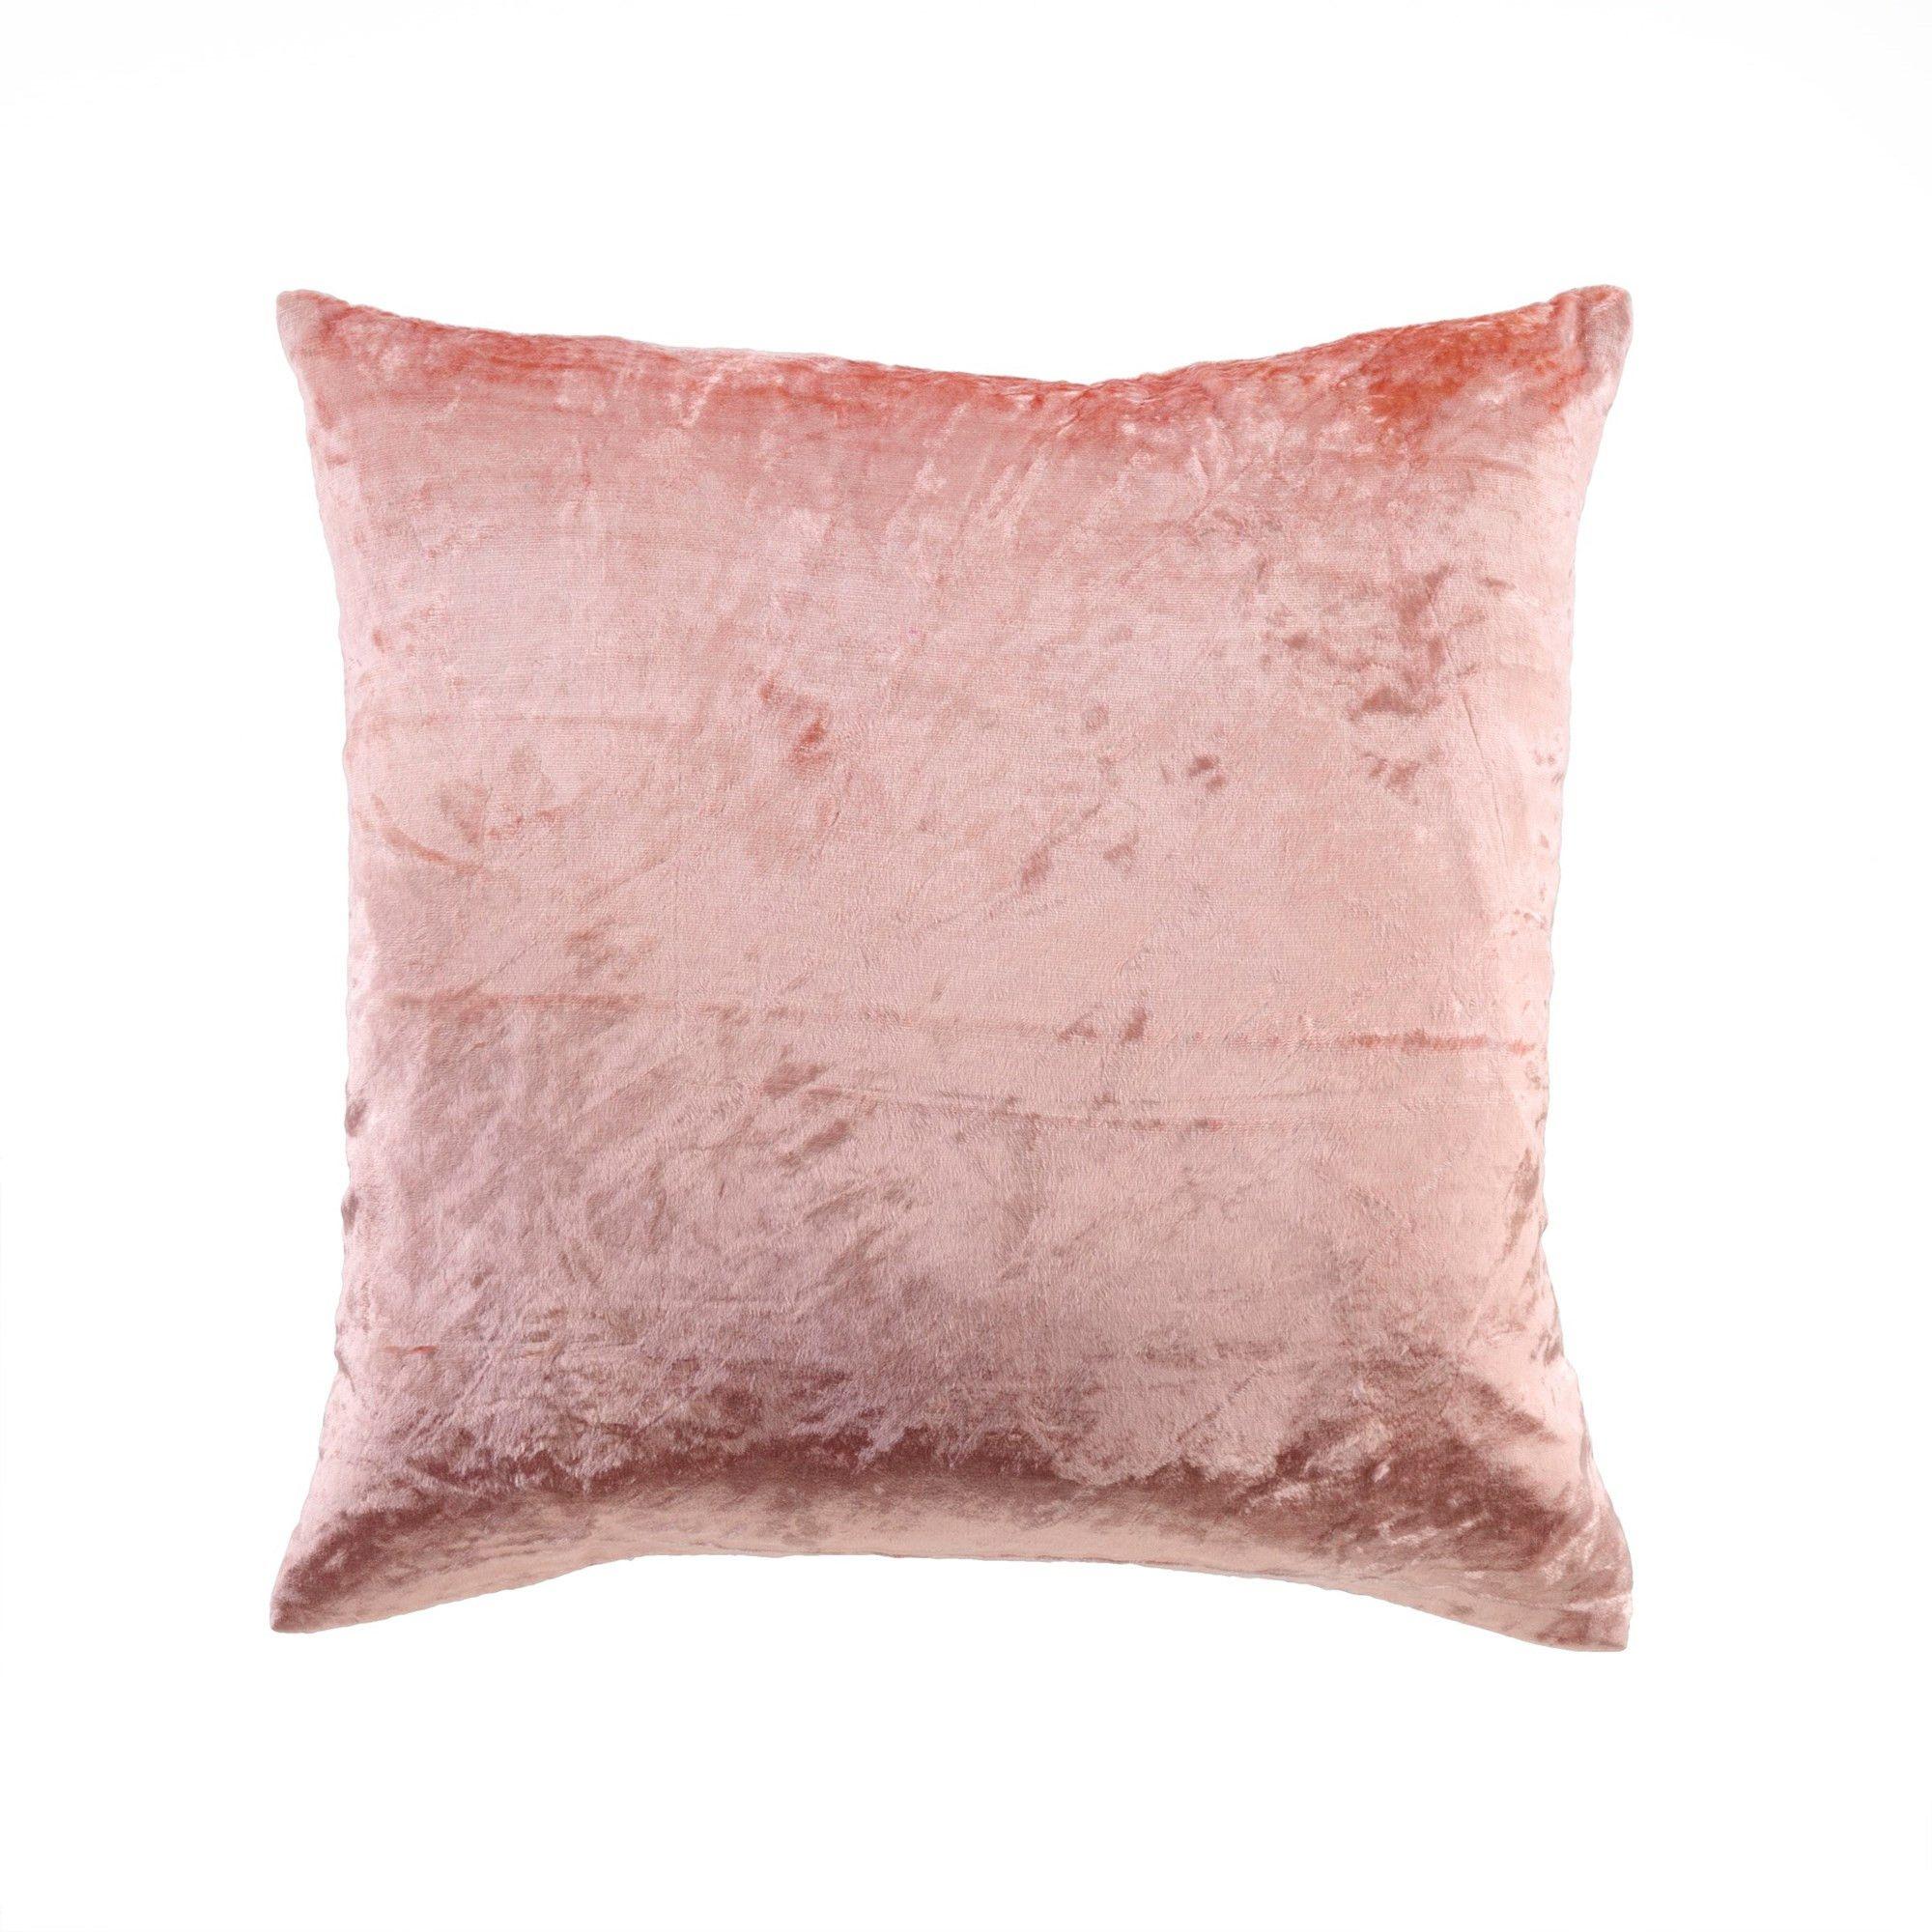 Dusty Rose Velvet Pillow